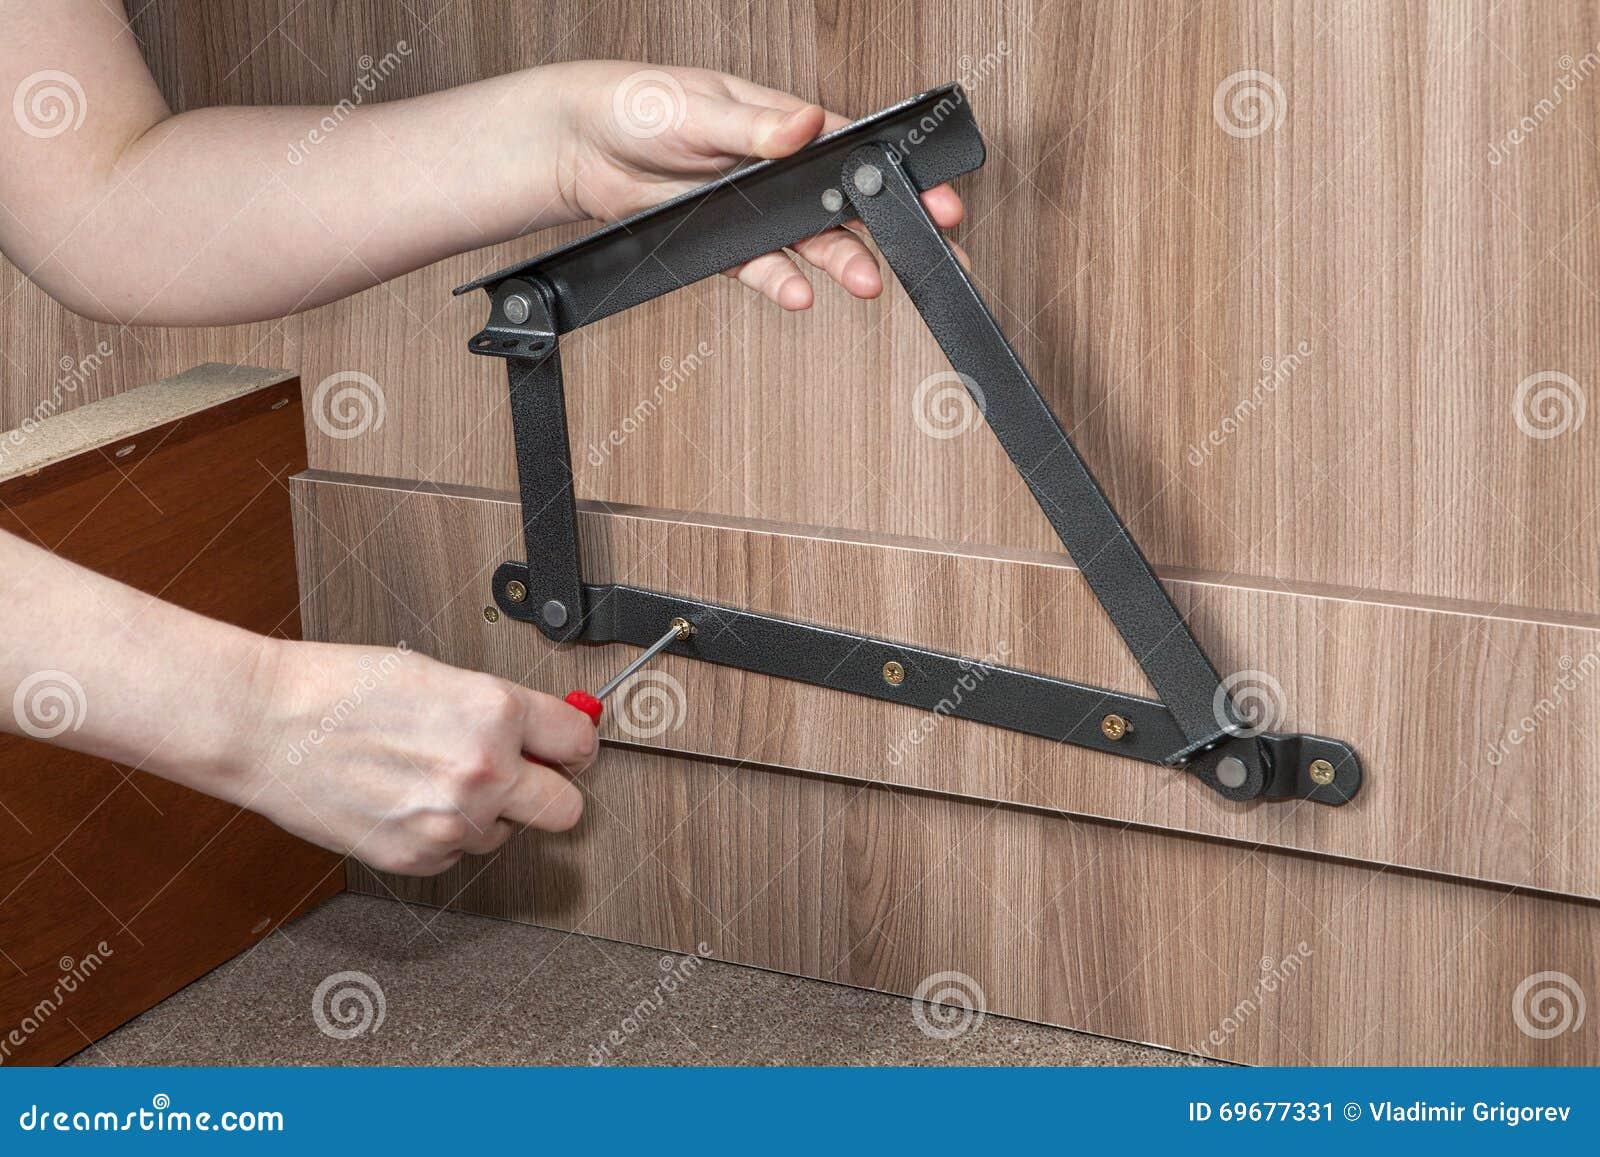 Assembling Furniture Hands Screwed Lift Up Bed Adjustable